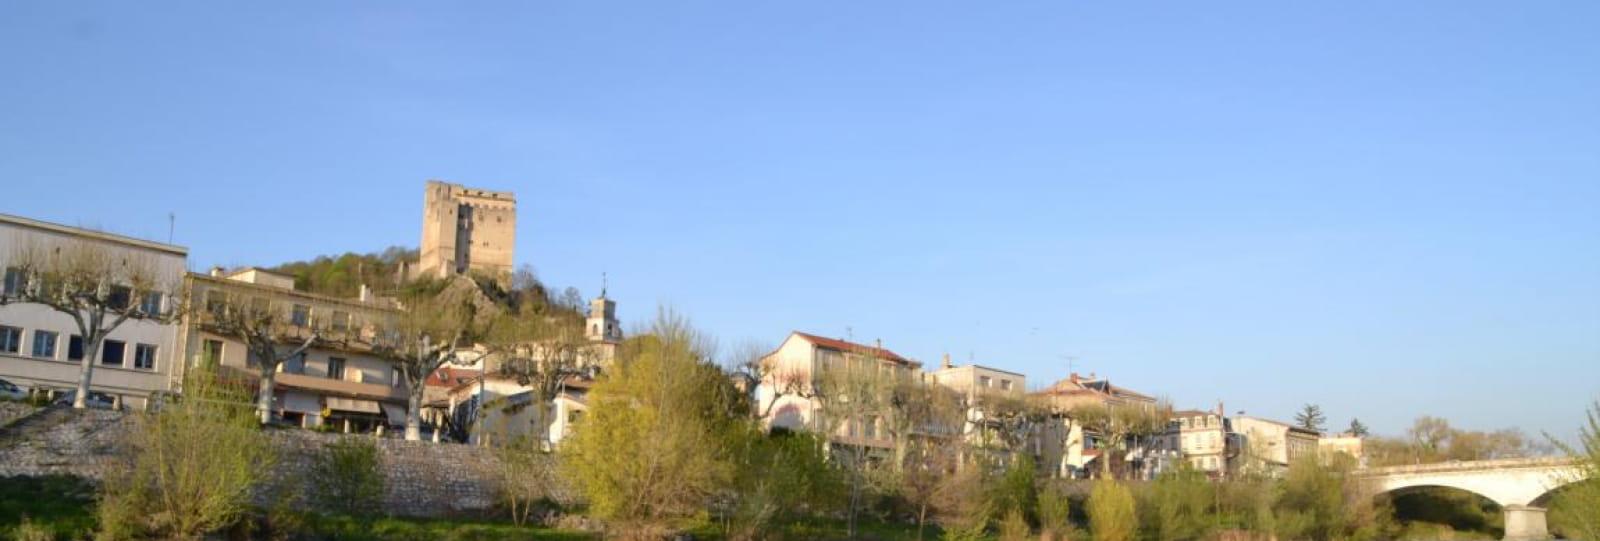 Circuit randonnée - Les Roches